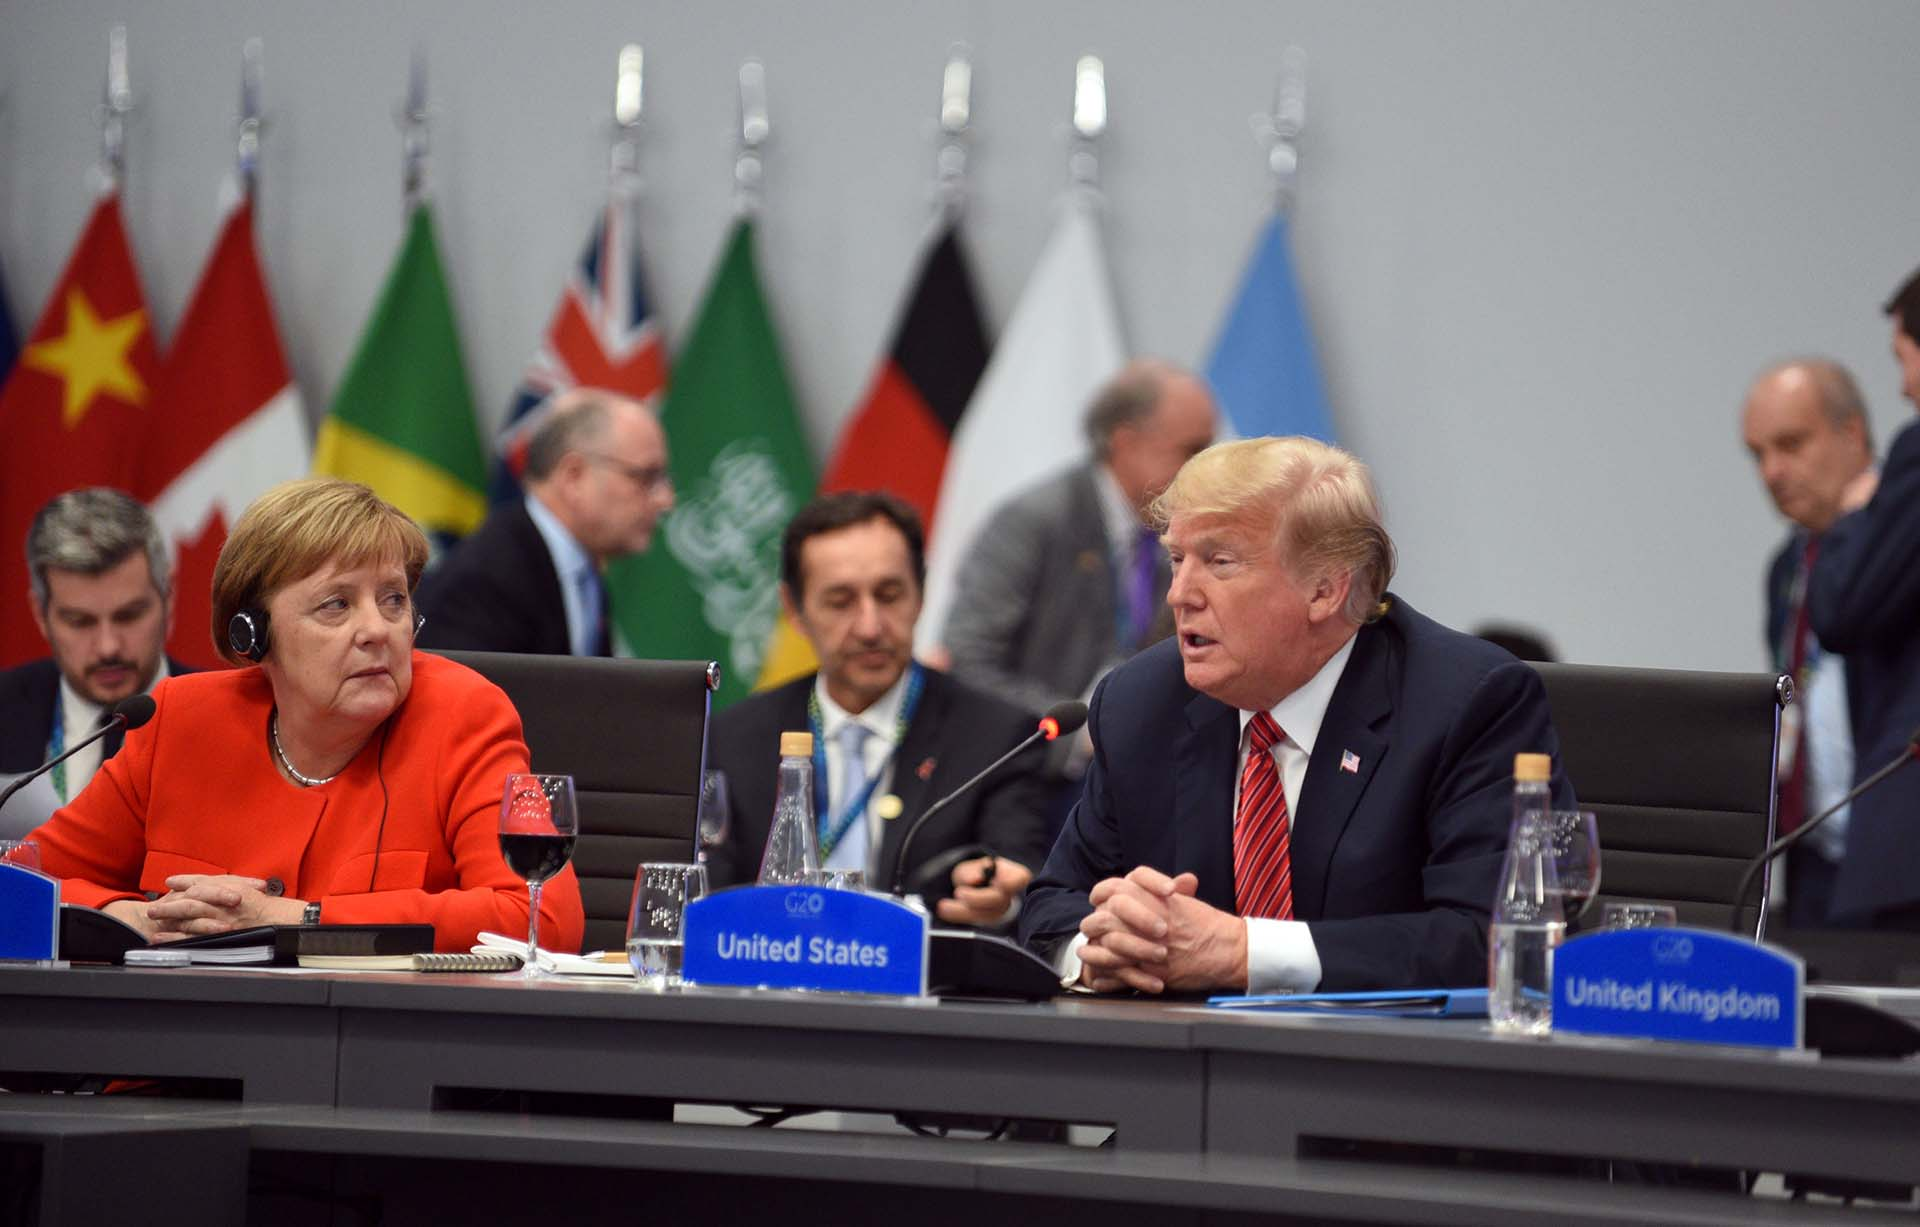 Angela Merkelobserva aDonald Trumpen el plenario de presidentes